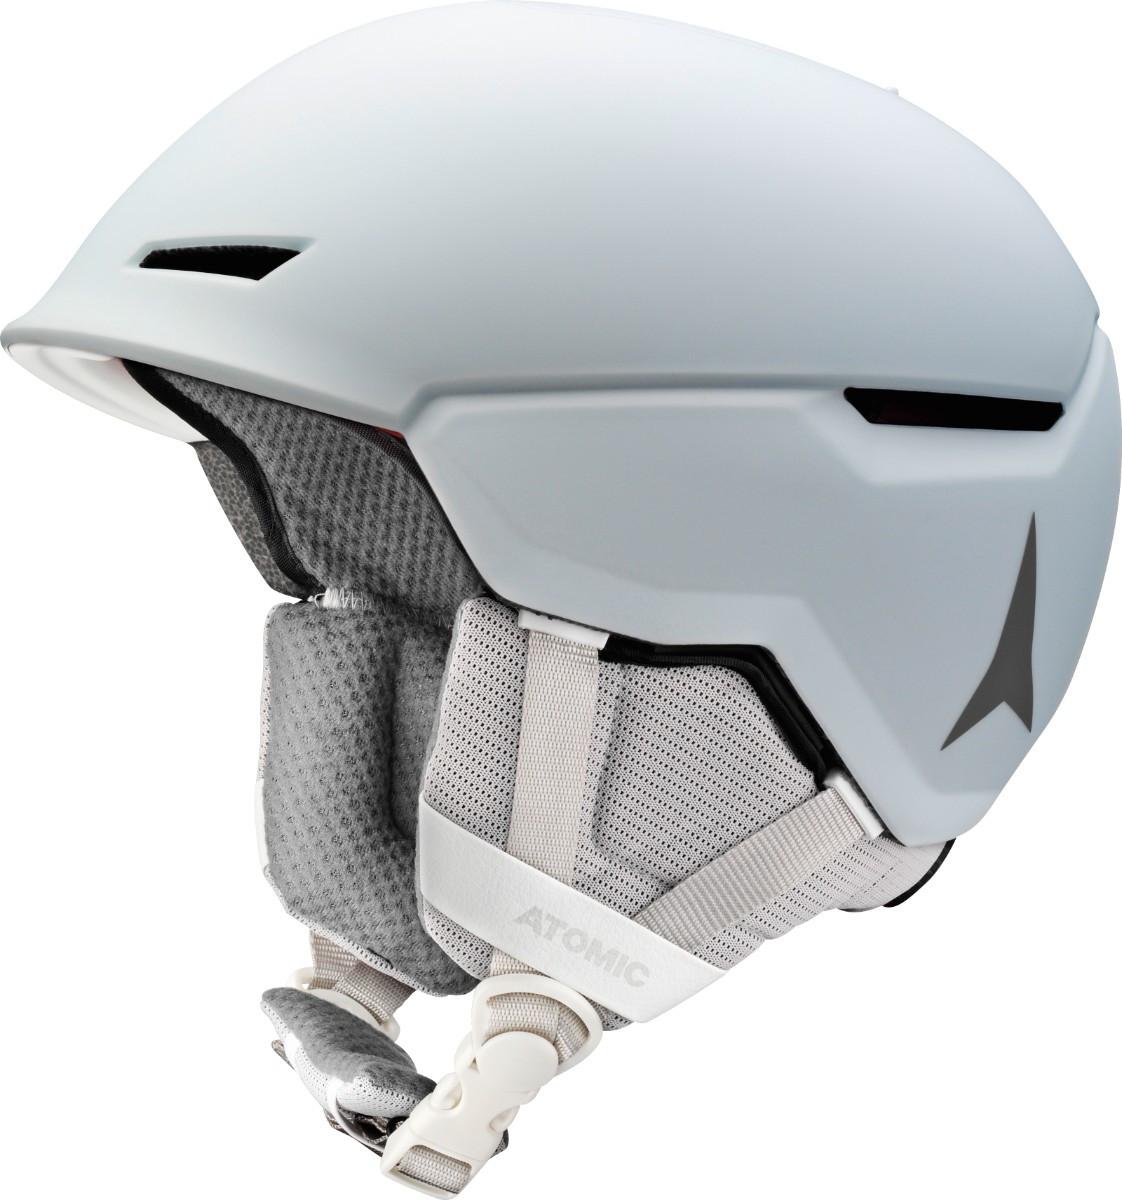 Atomic Revent+ modrá Velikost helmy: S 2019/2020